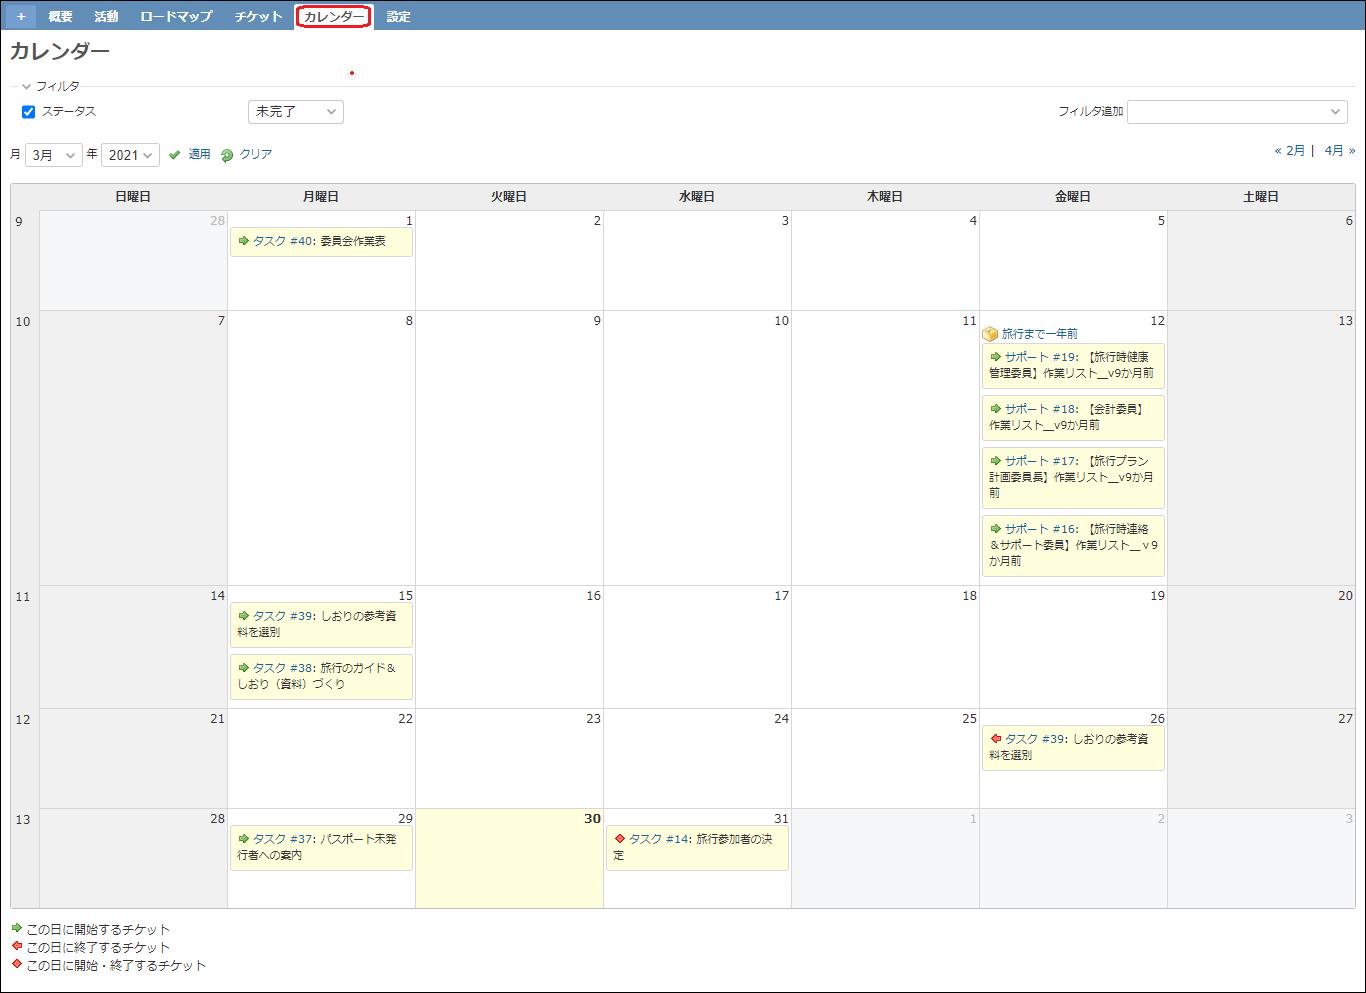 カレンダー機能の画面